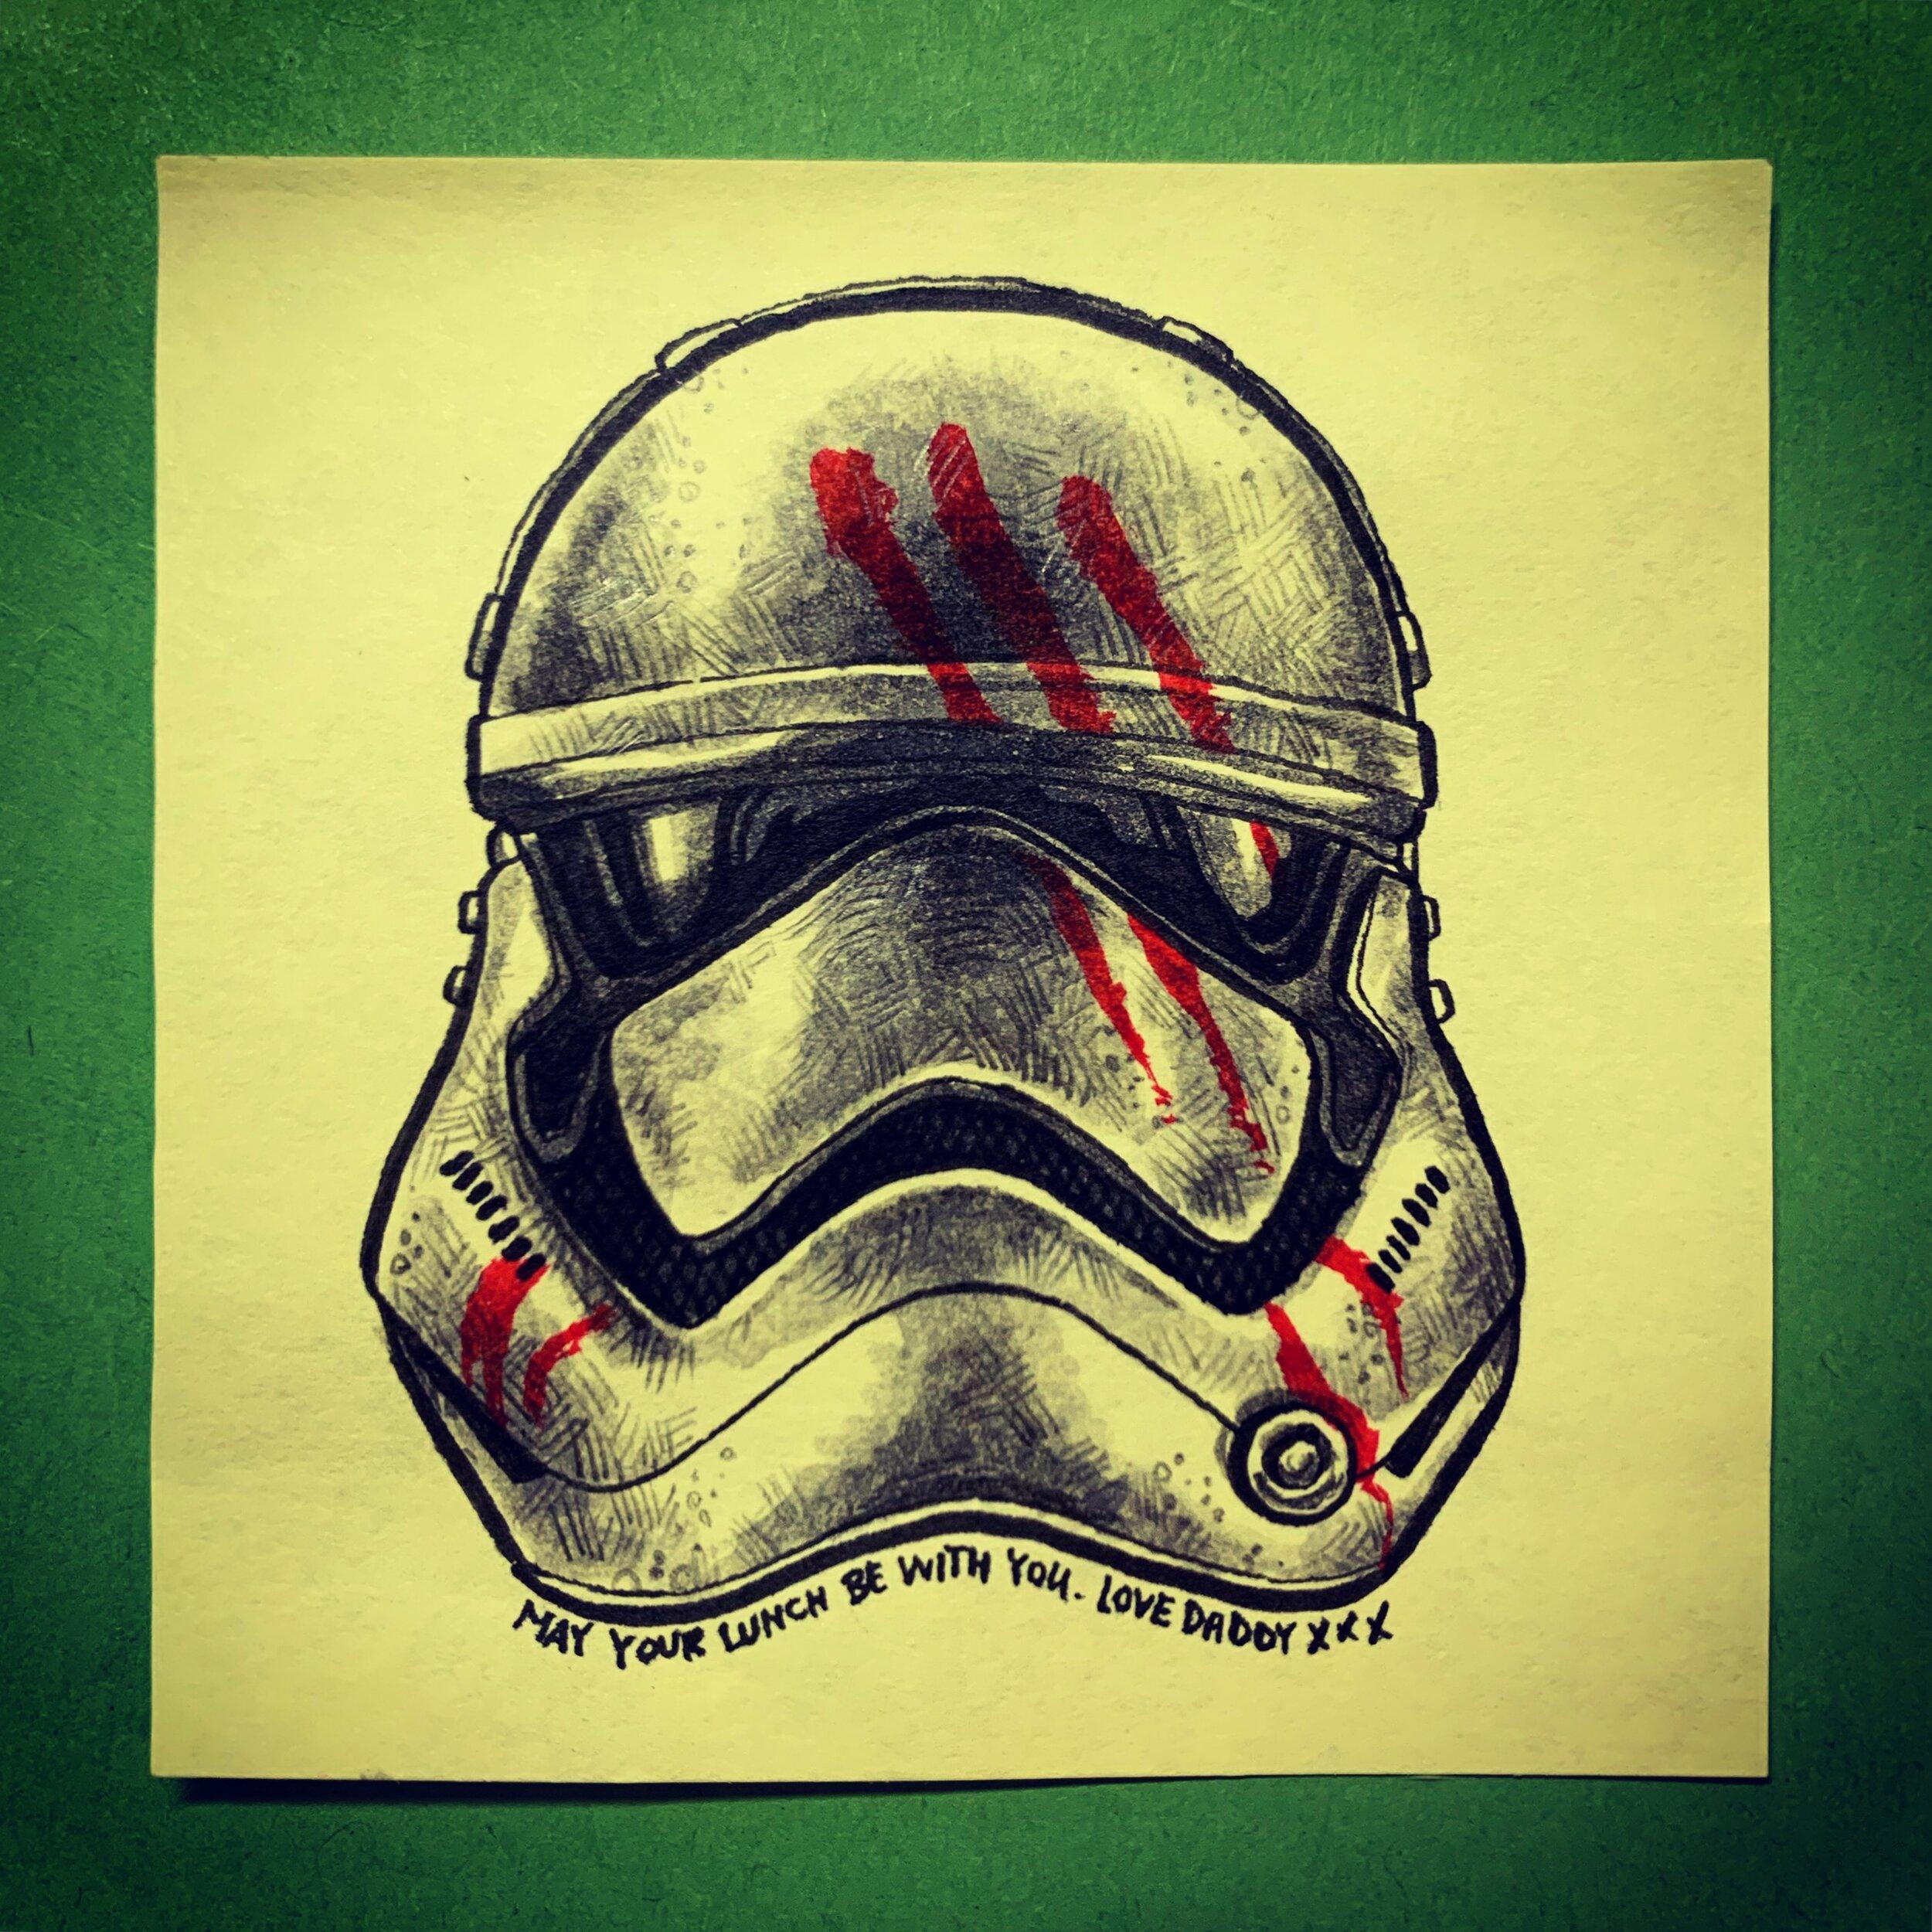 Finn's stormtrooper helmet